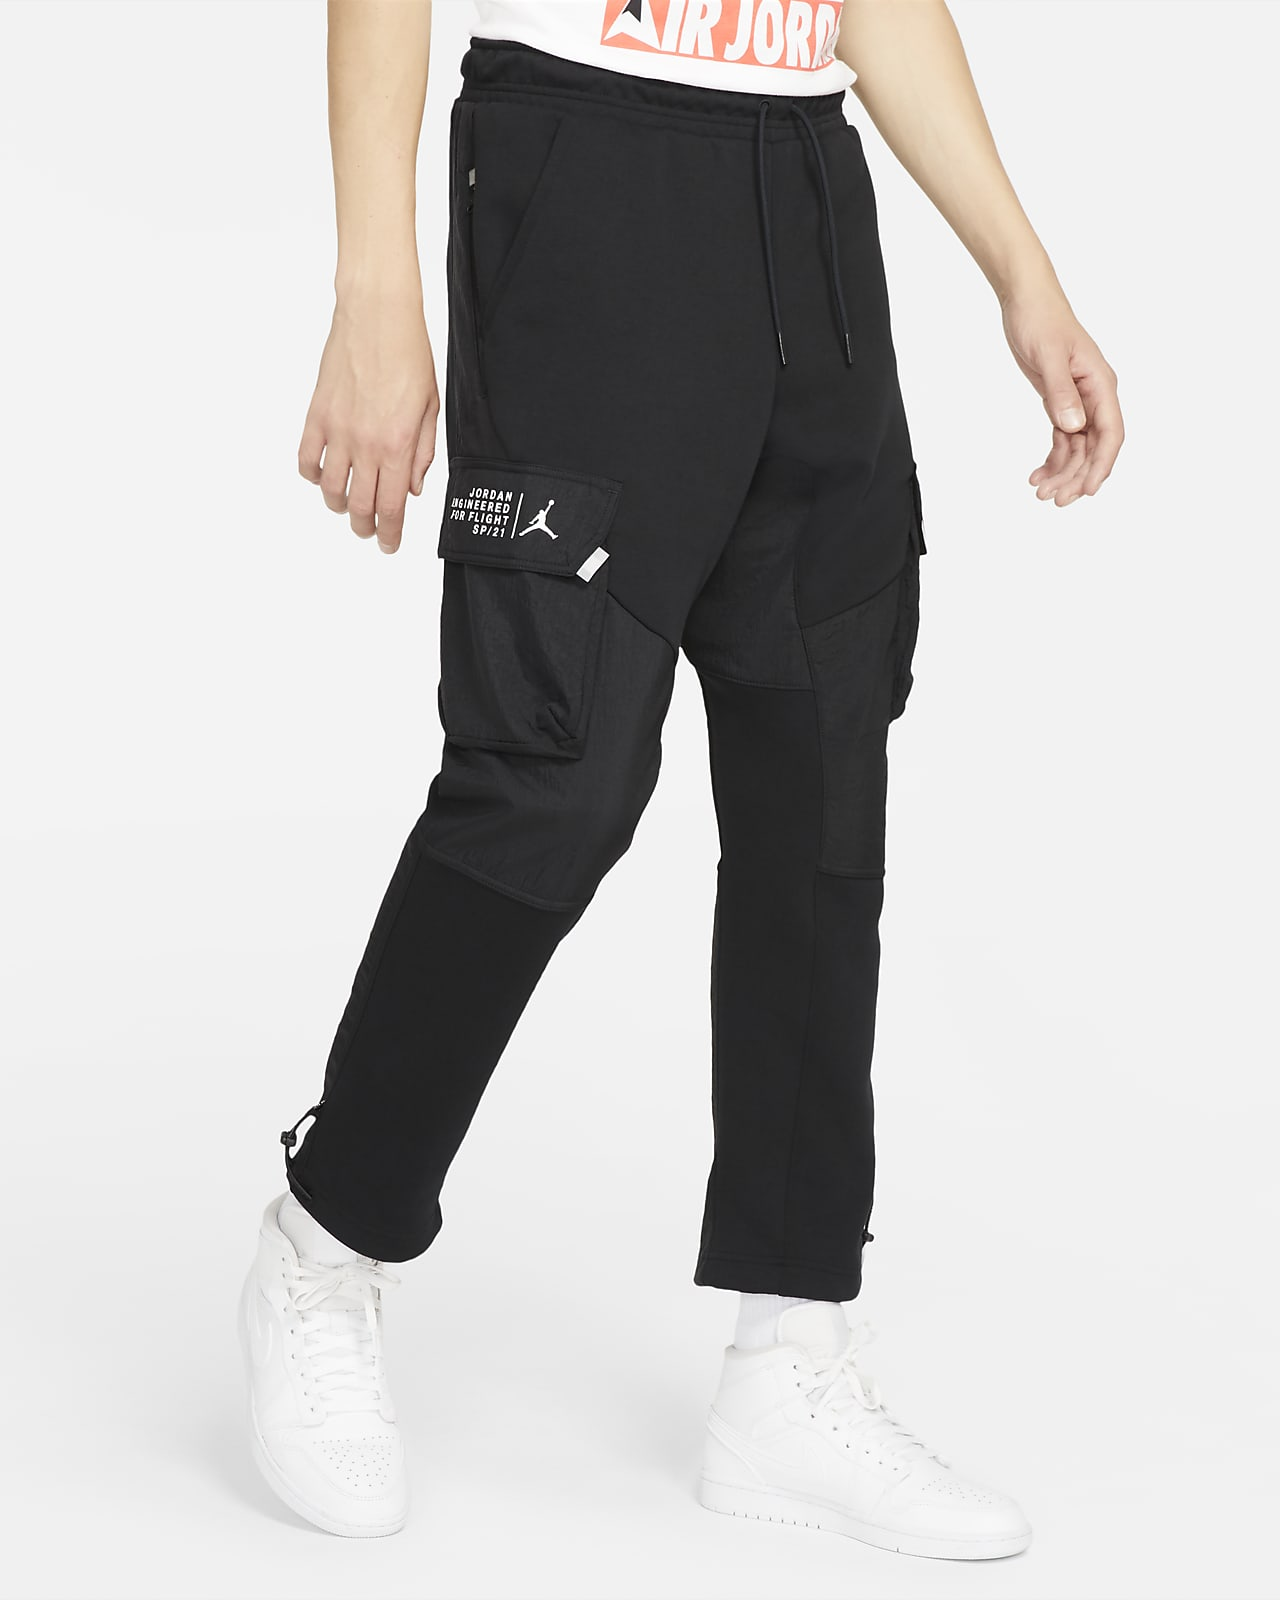 Pánské flísové kalhoty Jordan 23 Engineered